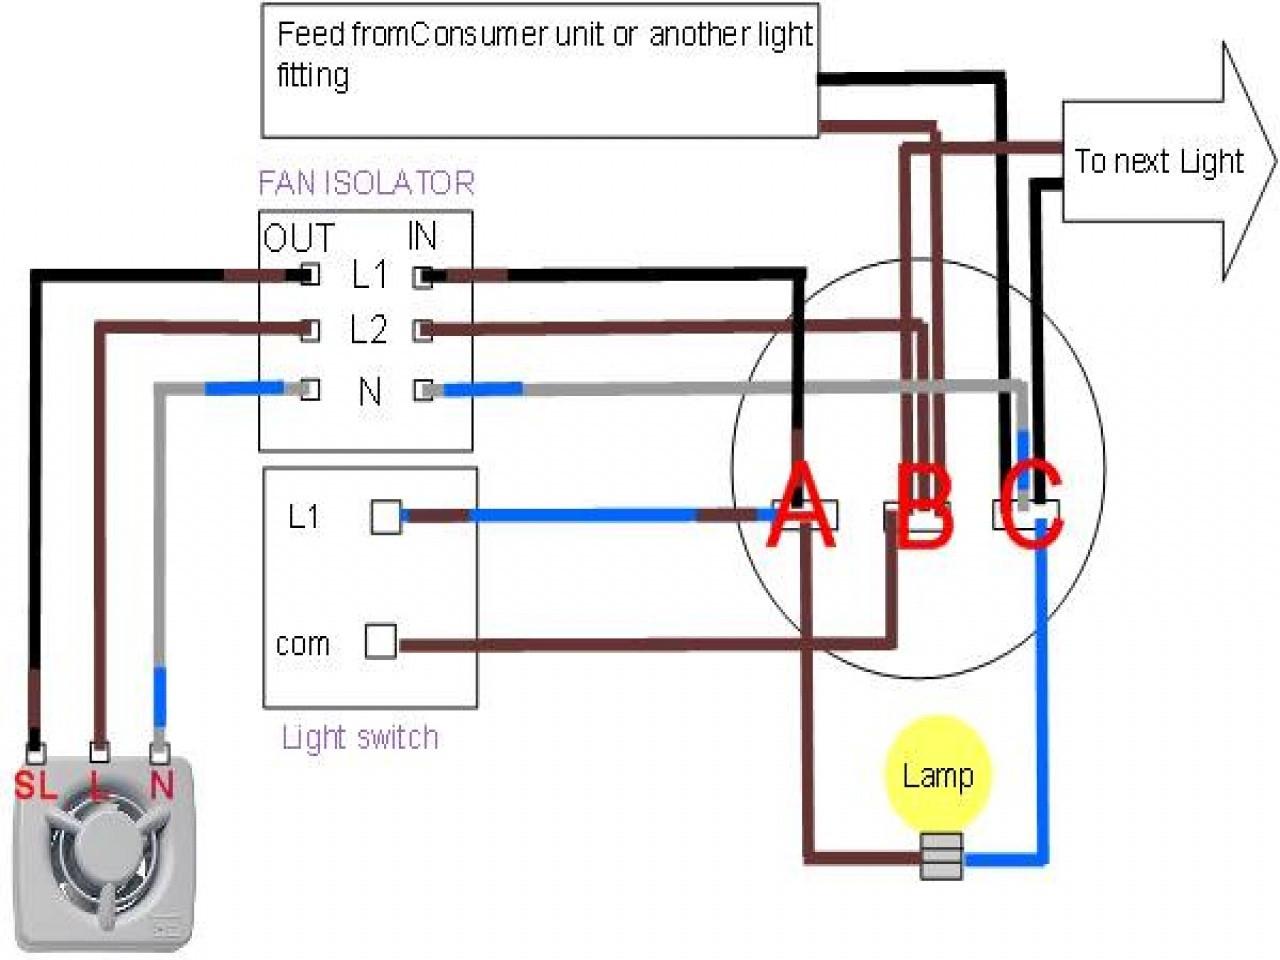 Wiring Diagram For Broan Exhaust Fan Light   Wiring Diagram - Wiring A Bathroom Fan And Light Diagram